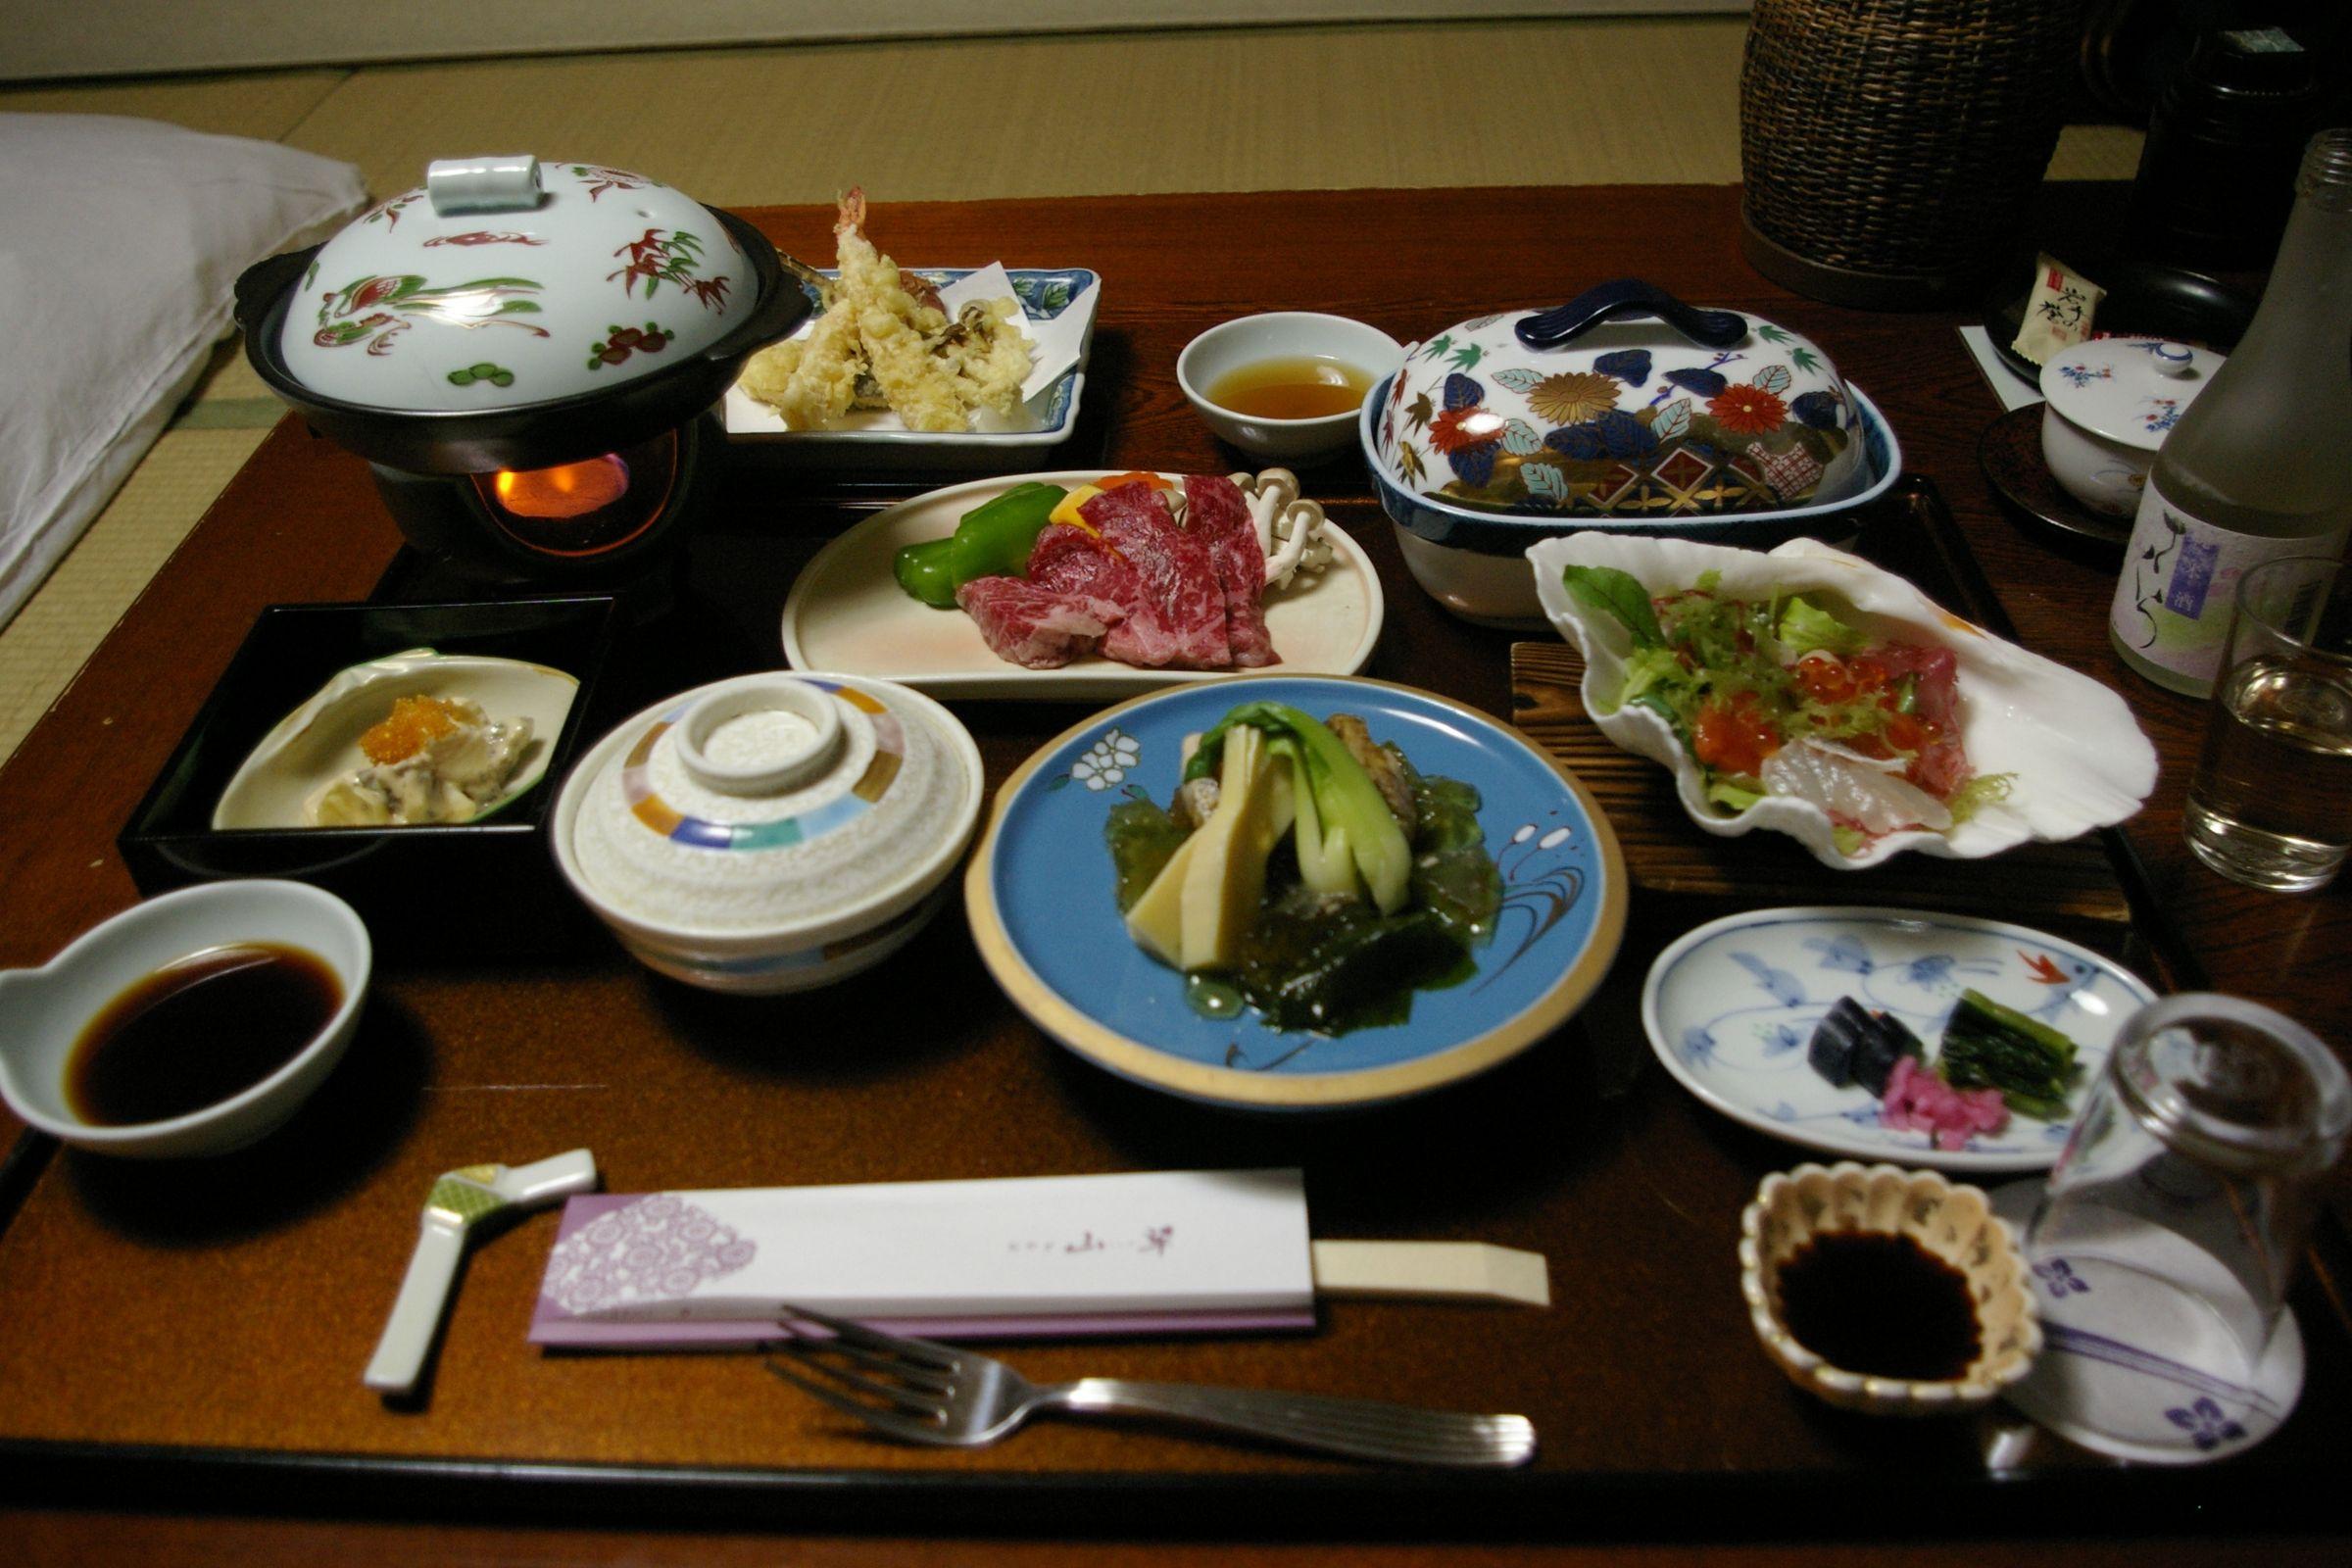 Hotel Sansui, Tsunagi Onsen (übernachtet in 2008)